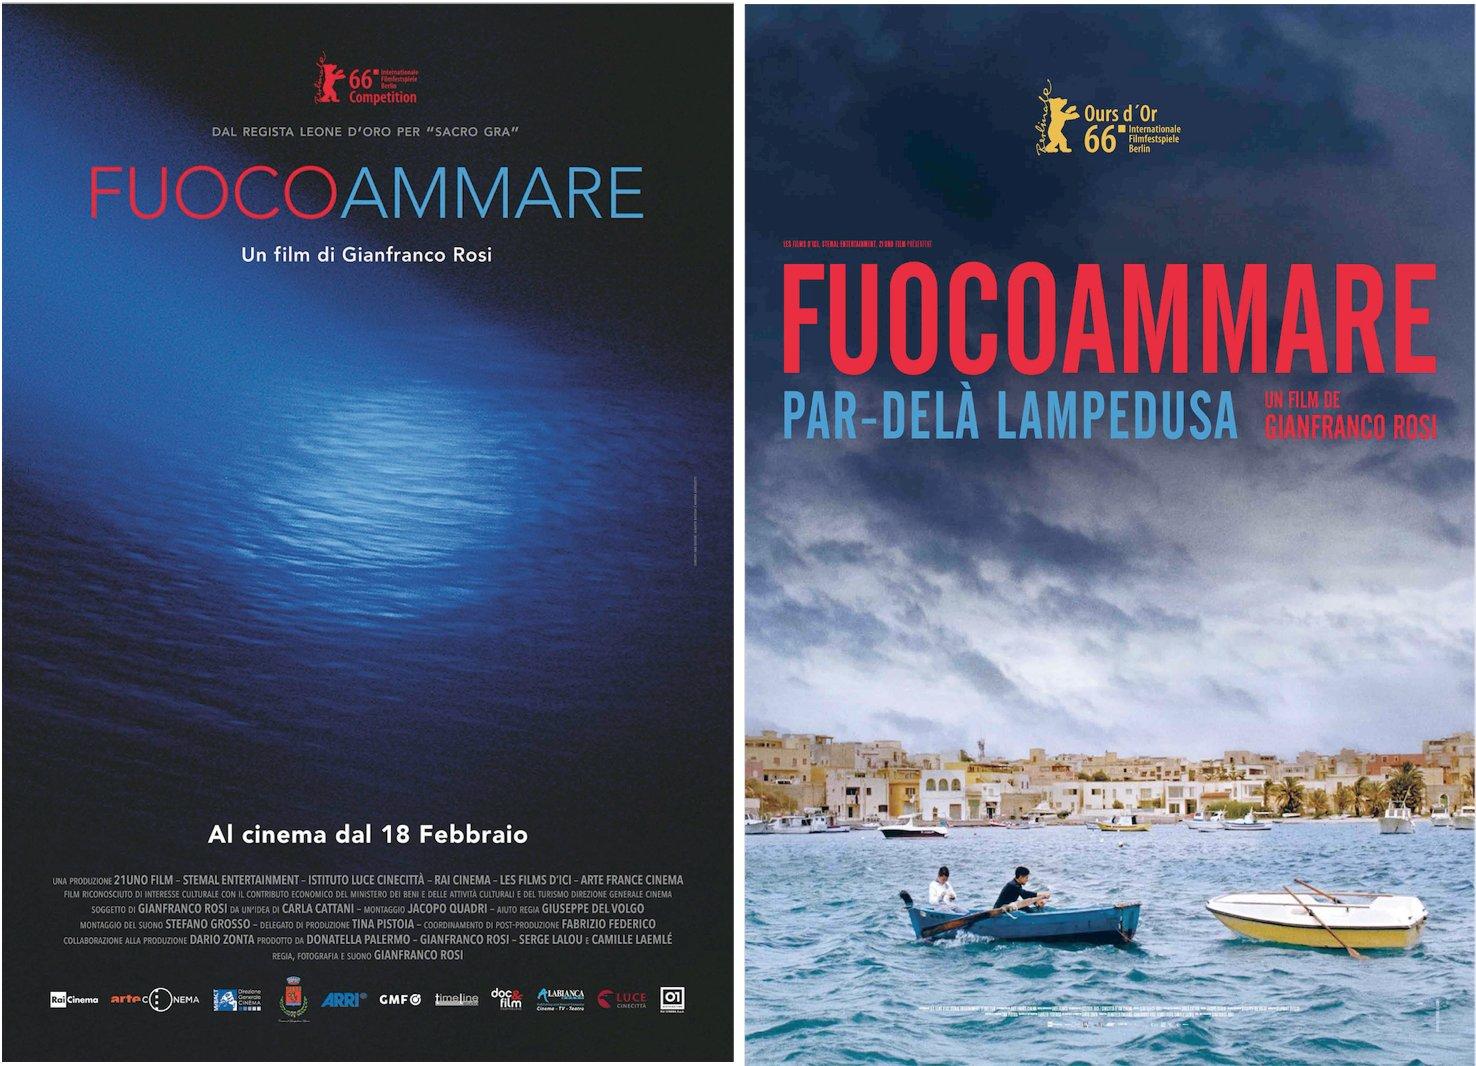 Affiches italienne et française de Fuocoammare.